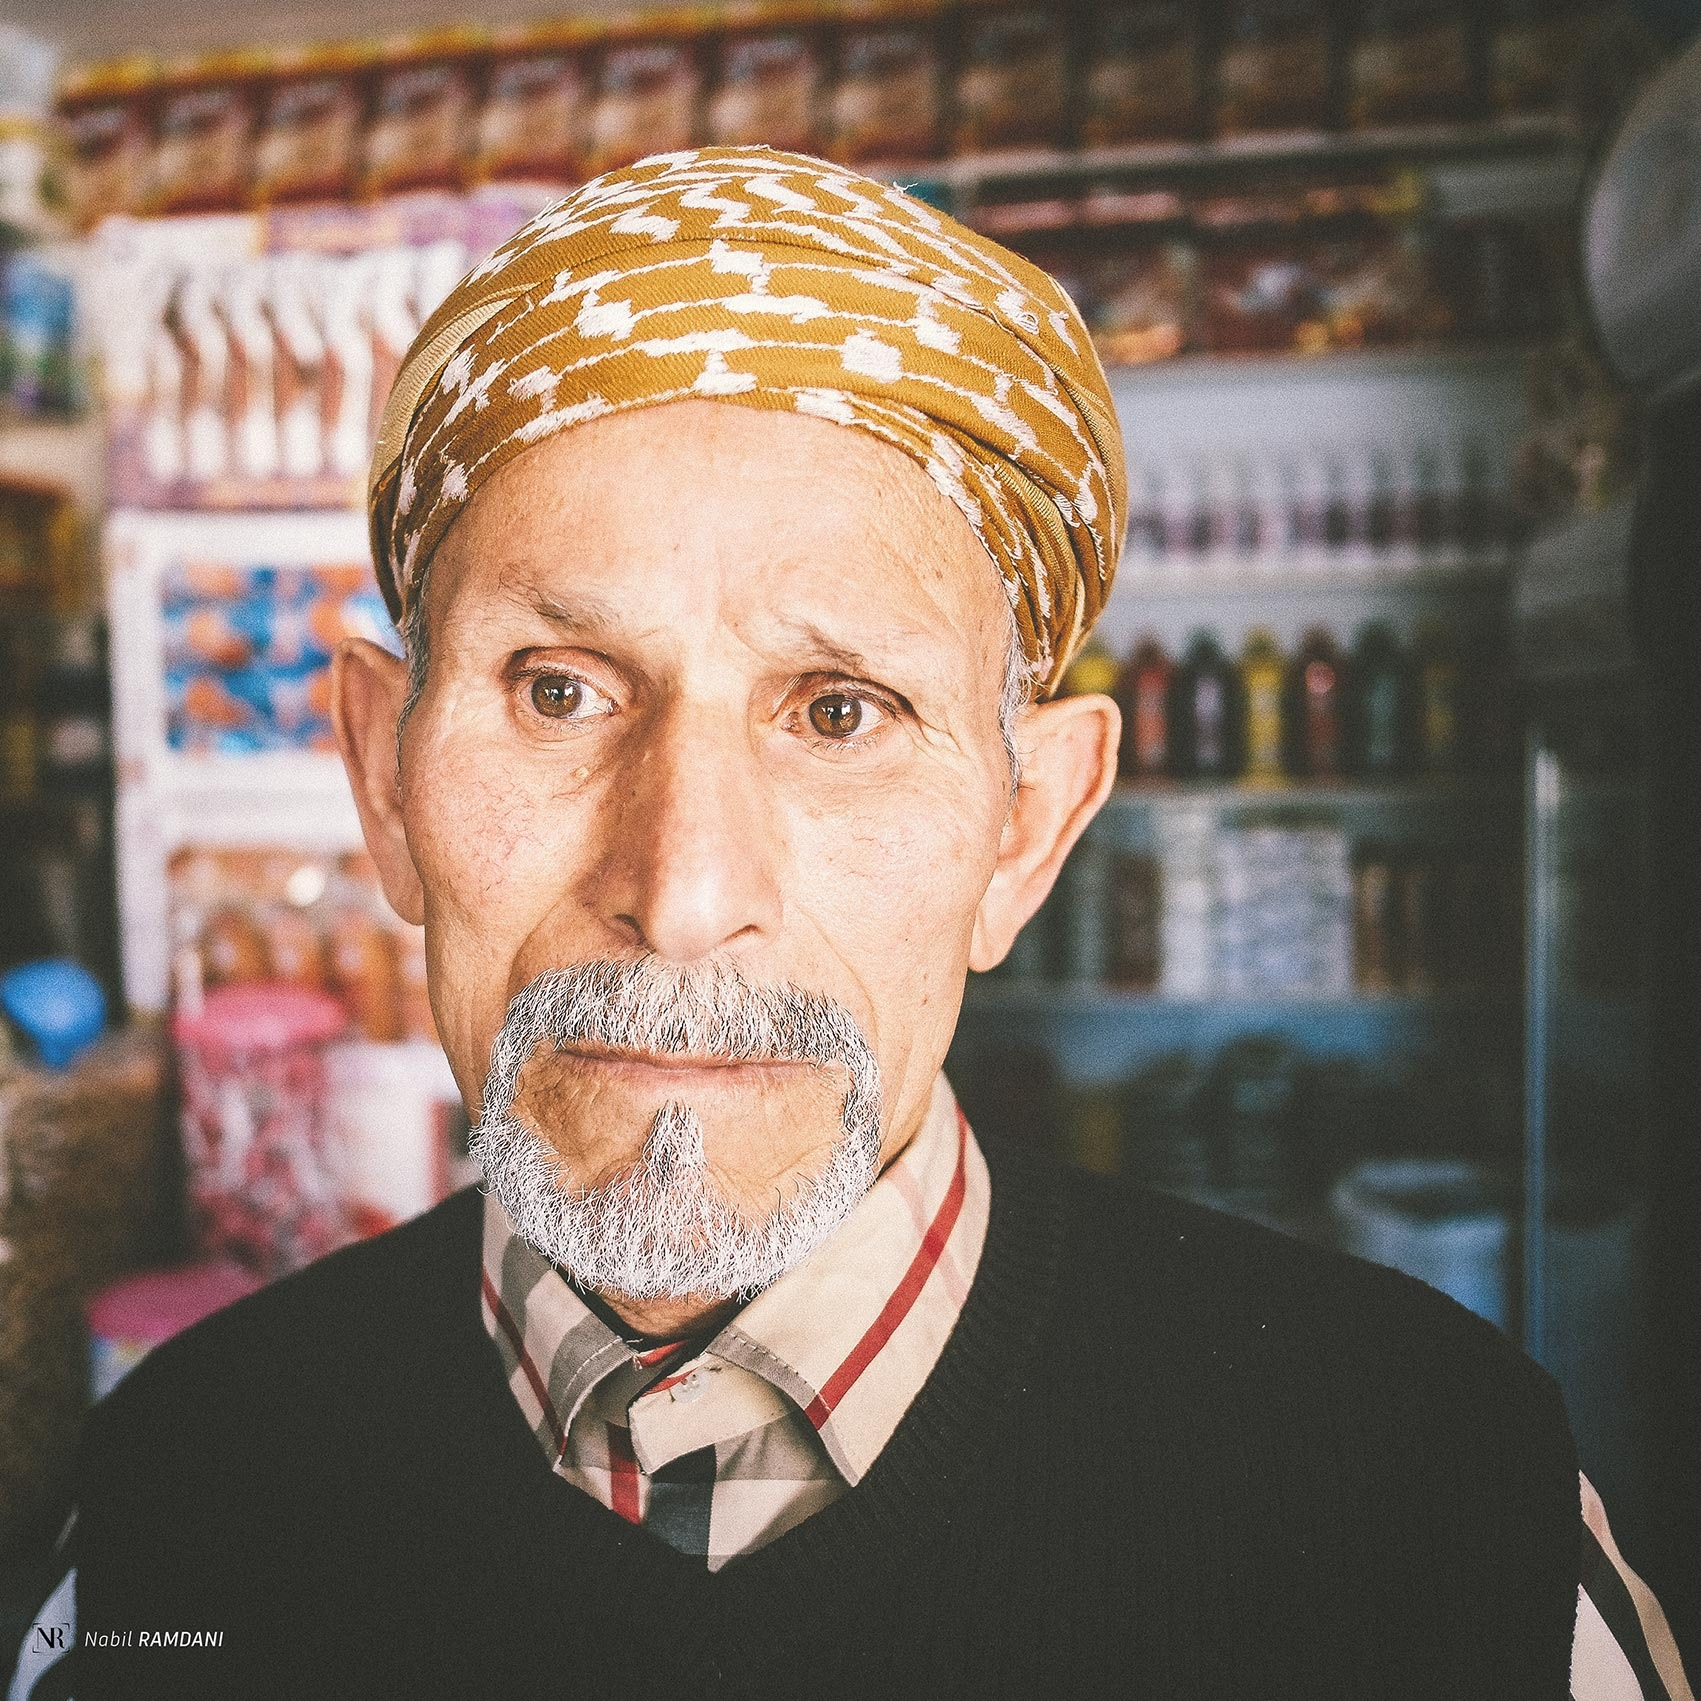 dad by Nabil Ramdani